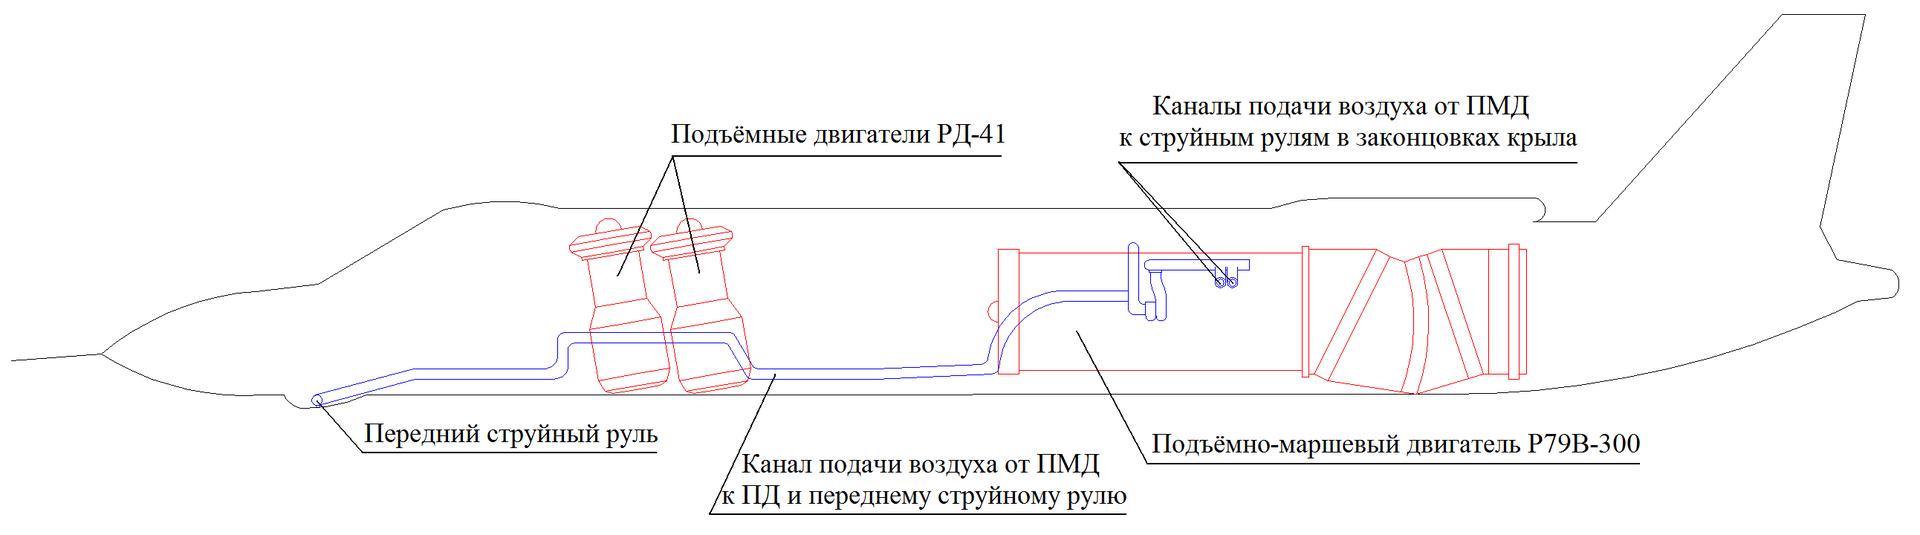 Силовая установка Як-141